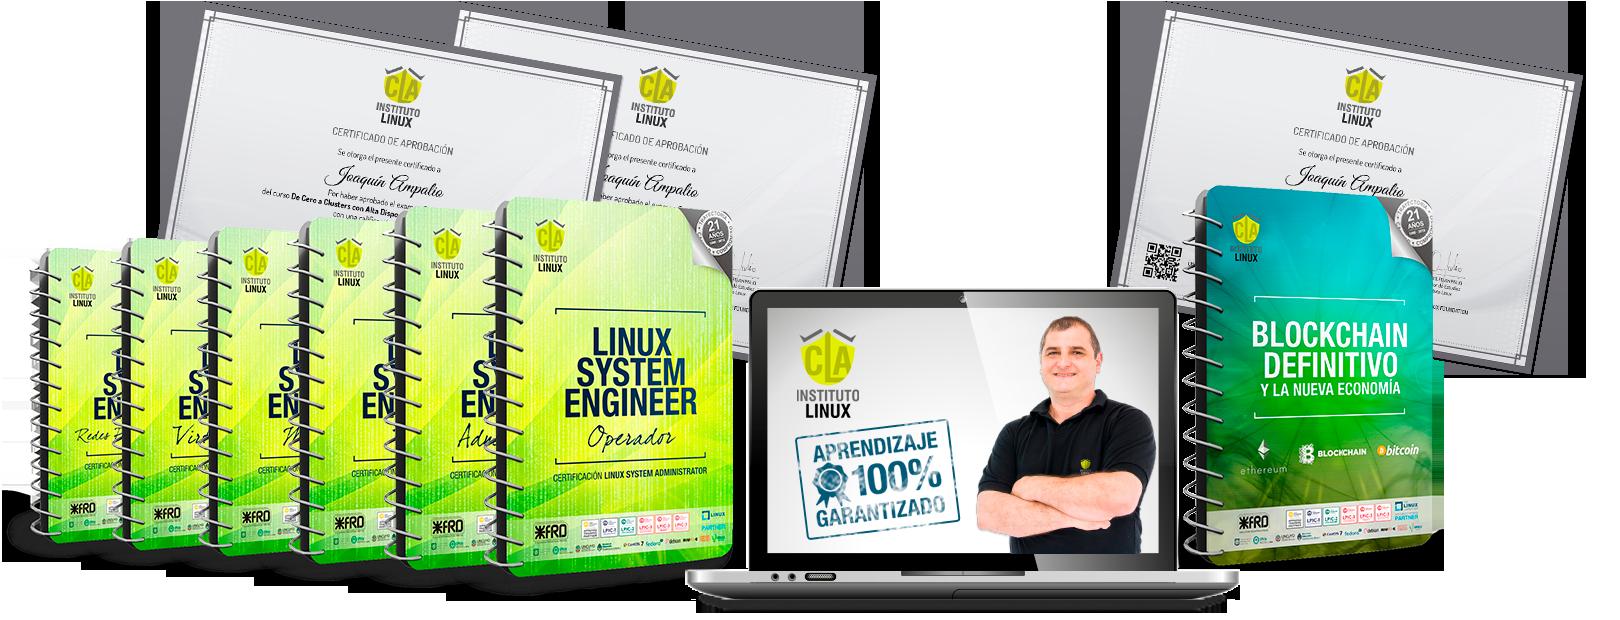 LINUX SYSTEM ENGINEER + Blockchain Definitivo y la Nueva Economía